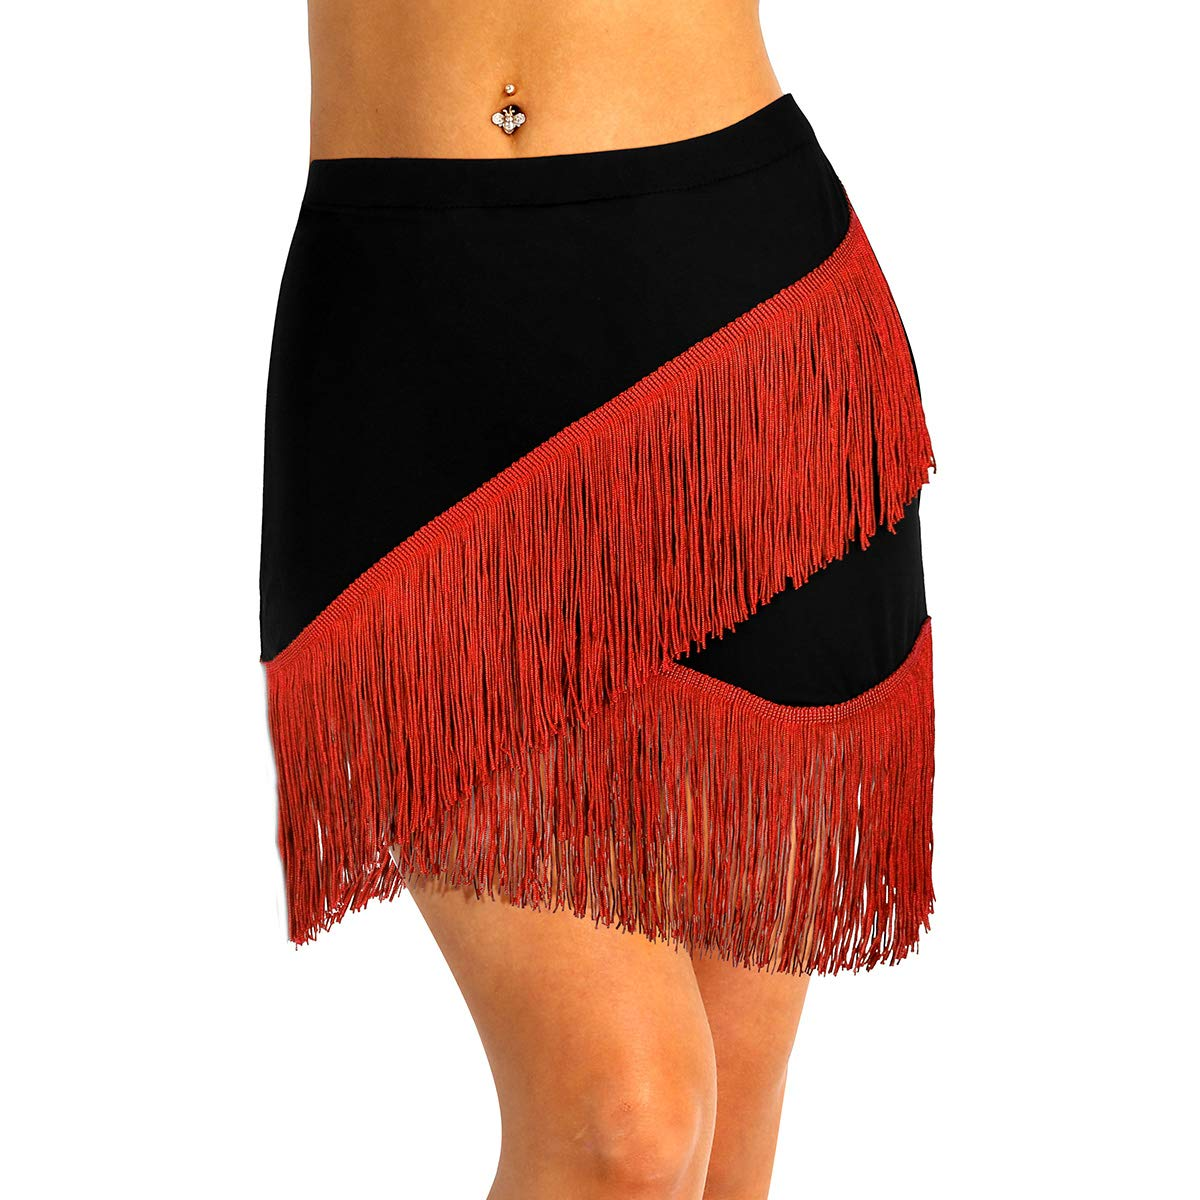 Agoky Falda de Danza Latina para Mujer Bailando Falda con Flecos Borlas Traje de Baile Tango Swing Rumba Cha Cha Bailando Cintura El/ástica